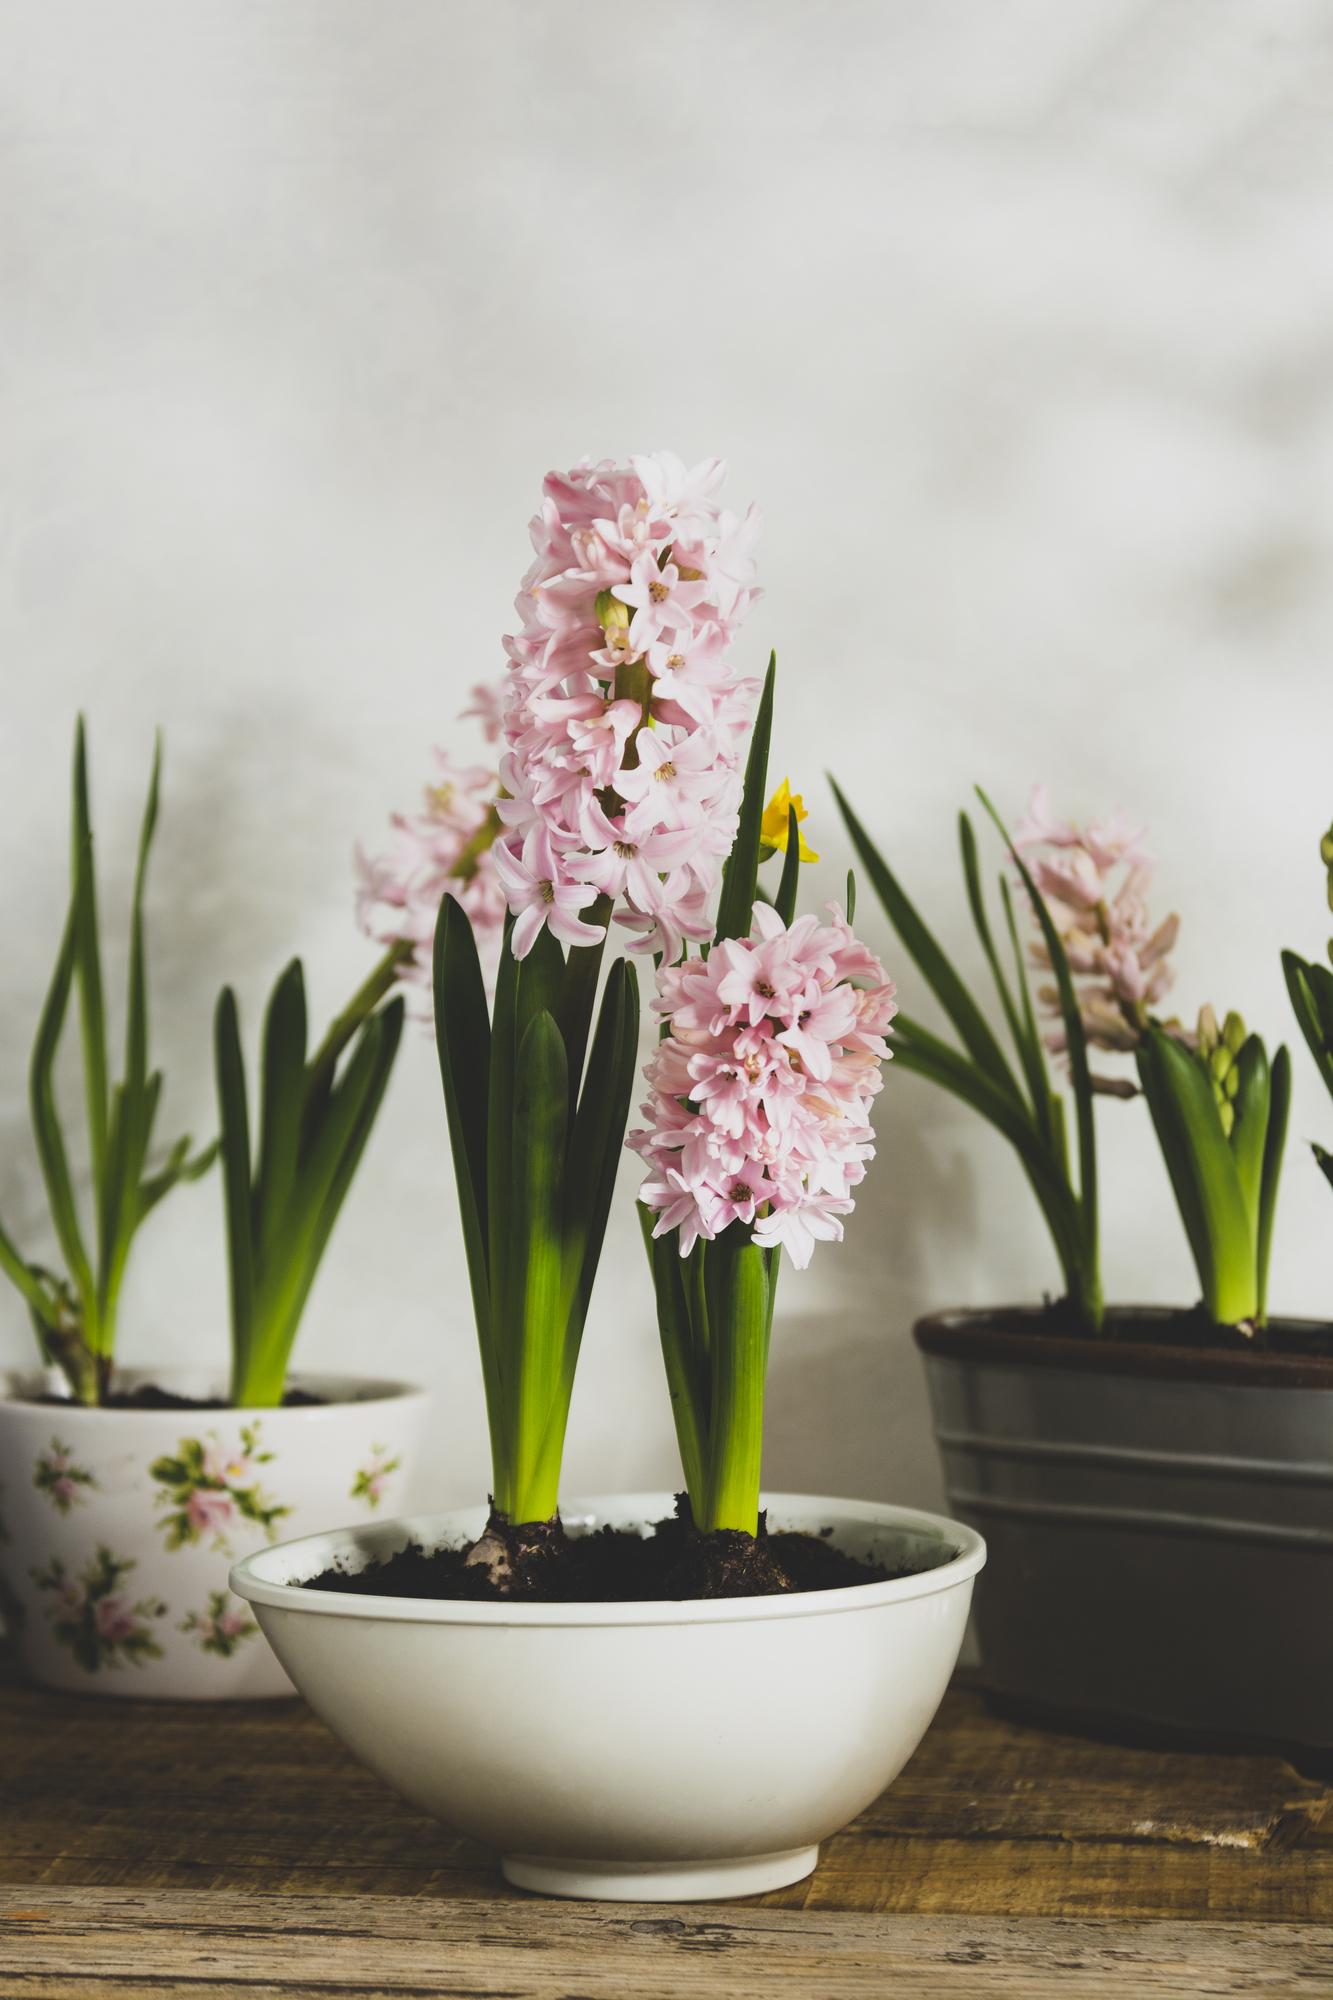 春のお花の中でも香りが高いヒヤシンスは、玄関に置くのがおすすめ。来客があったときにも、もちろんご自身が帰ってきたときにも。お部屋の第一印象が良くなり、安心感も得られます。